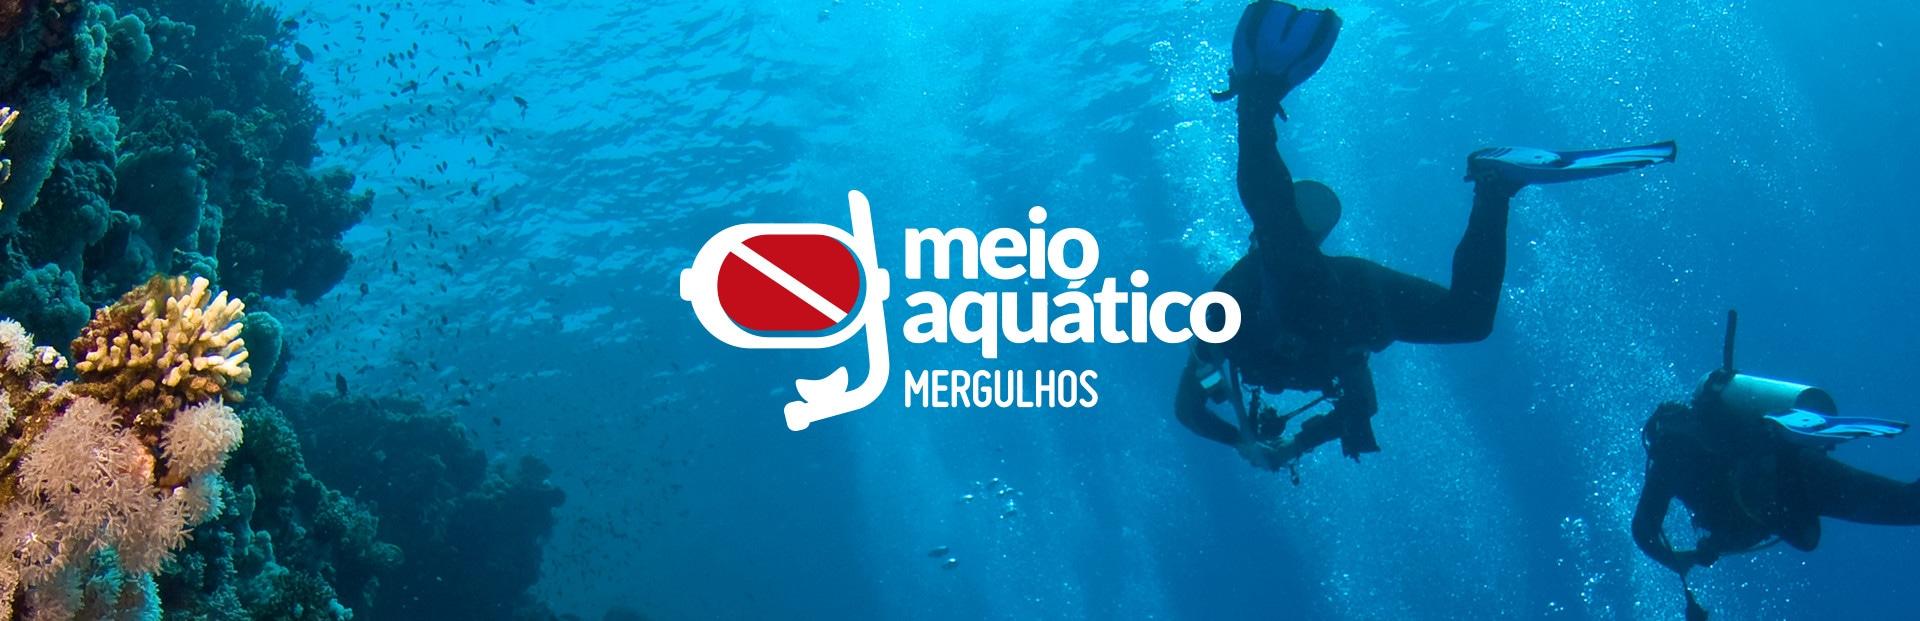 aplicação foto Meio Aquático